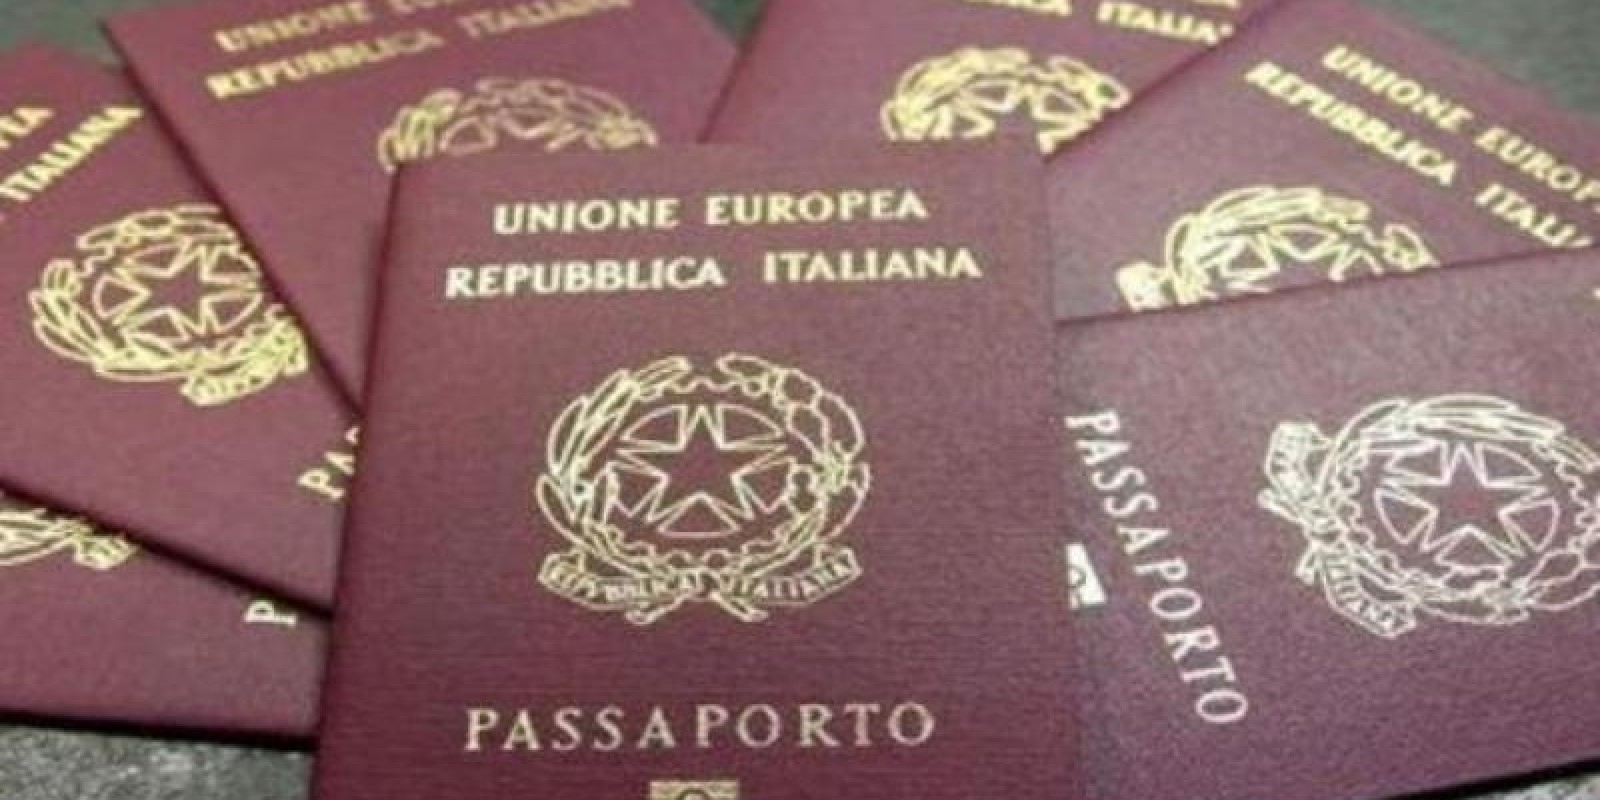 Representante do governo da Itália virá a SC em junho para acertar abertura de consulado no Estado